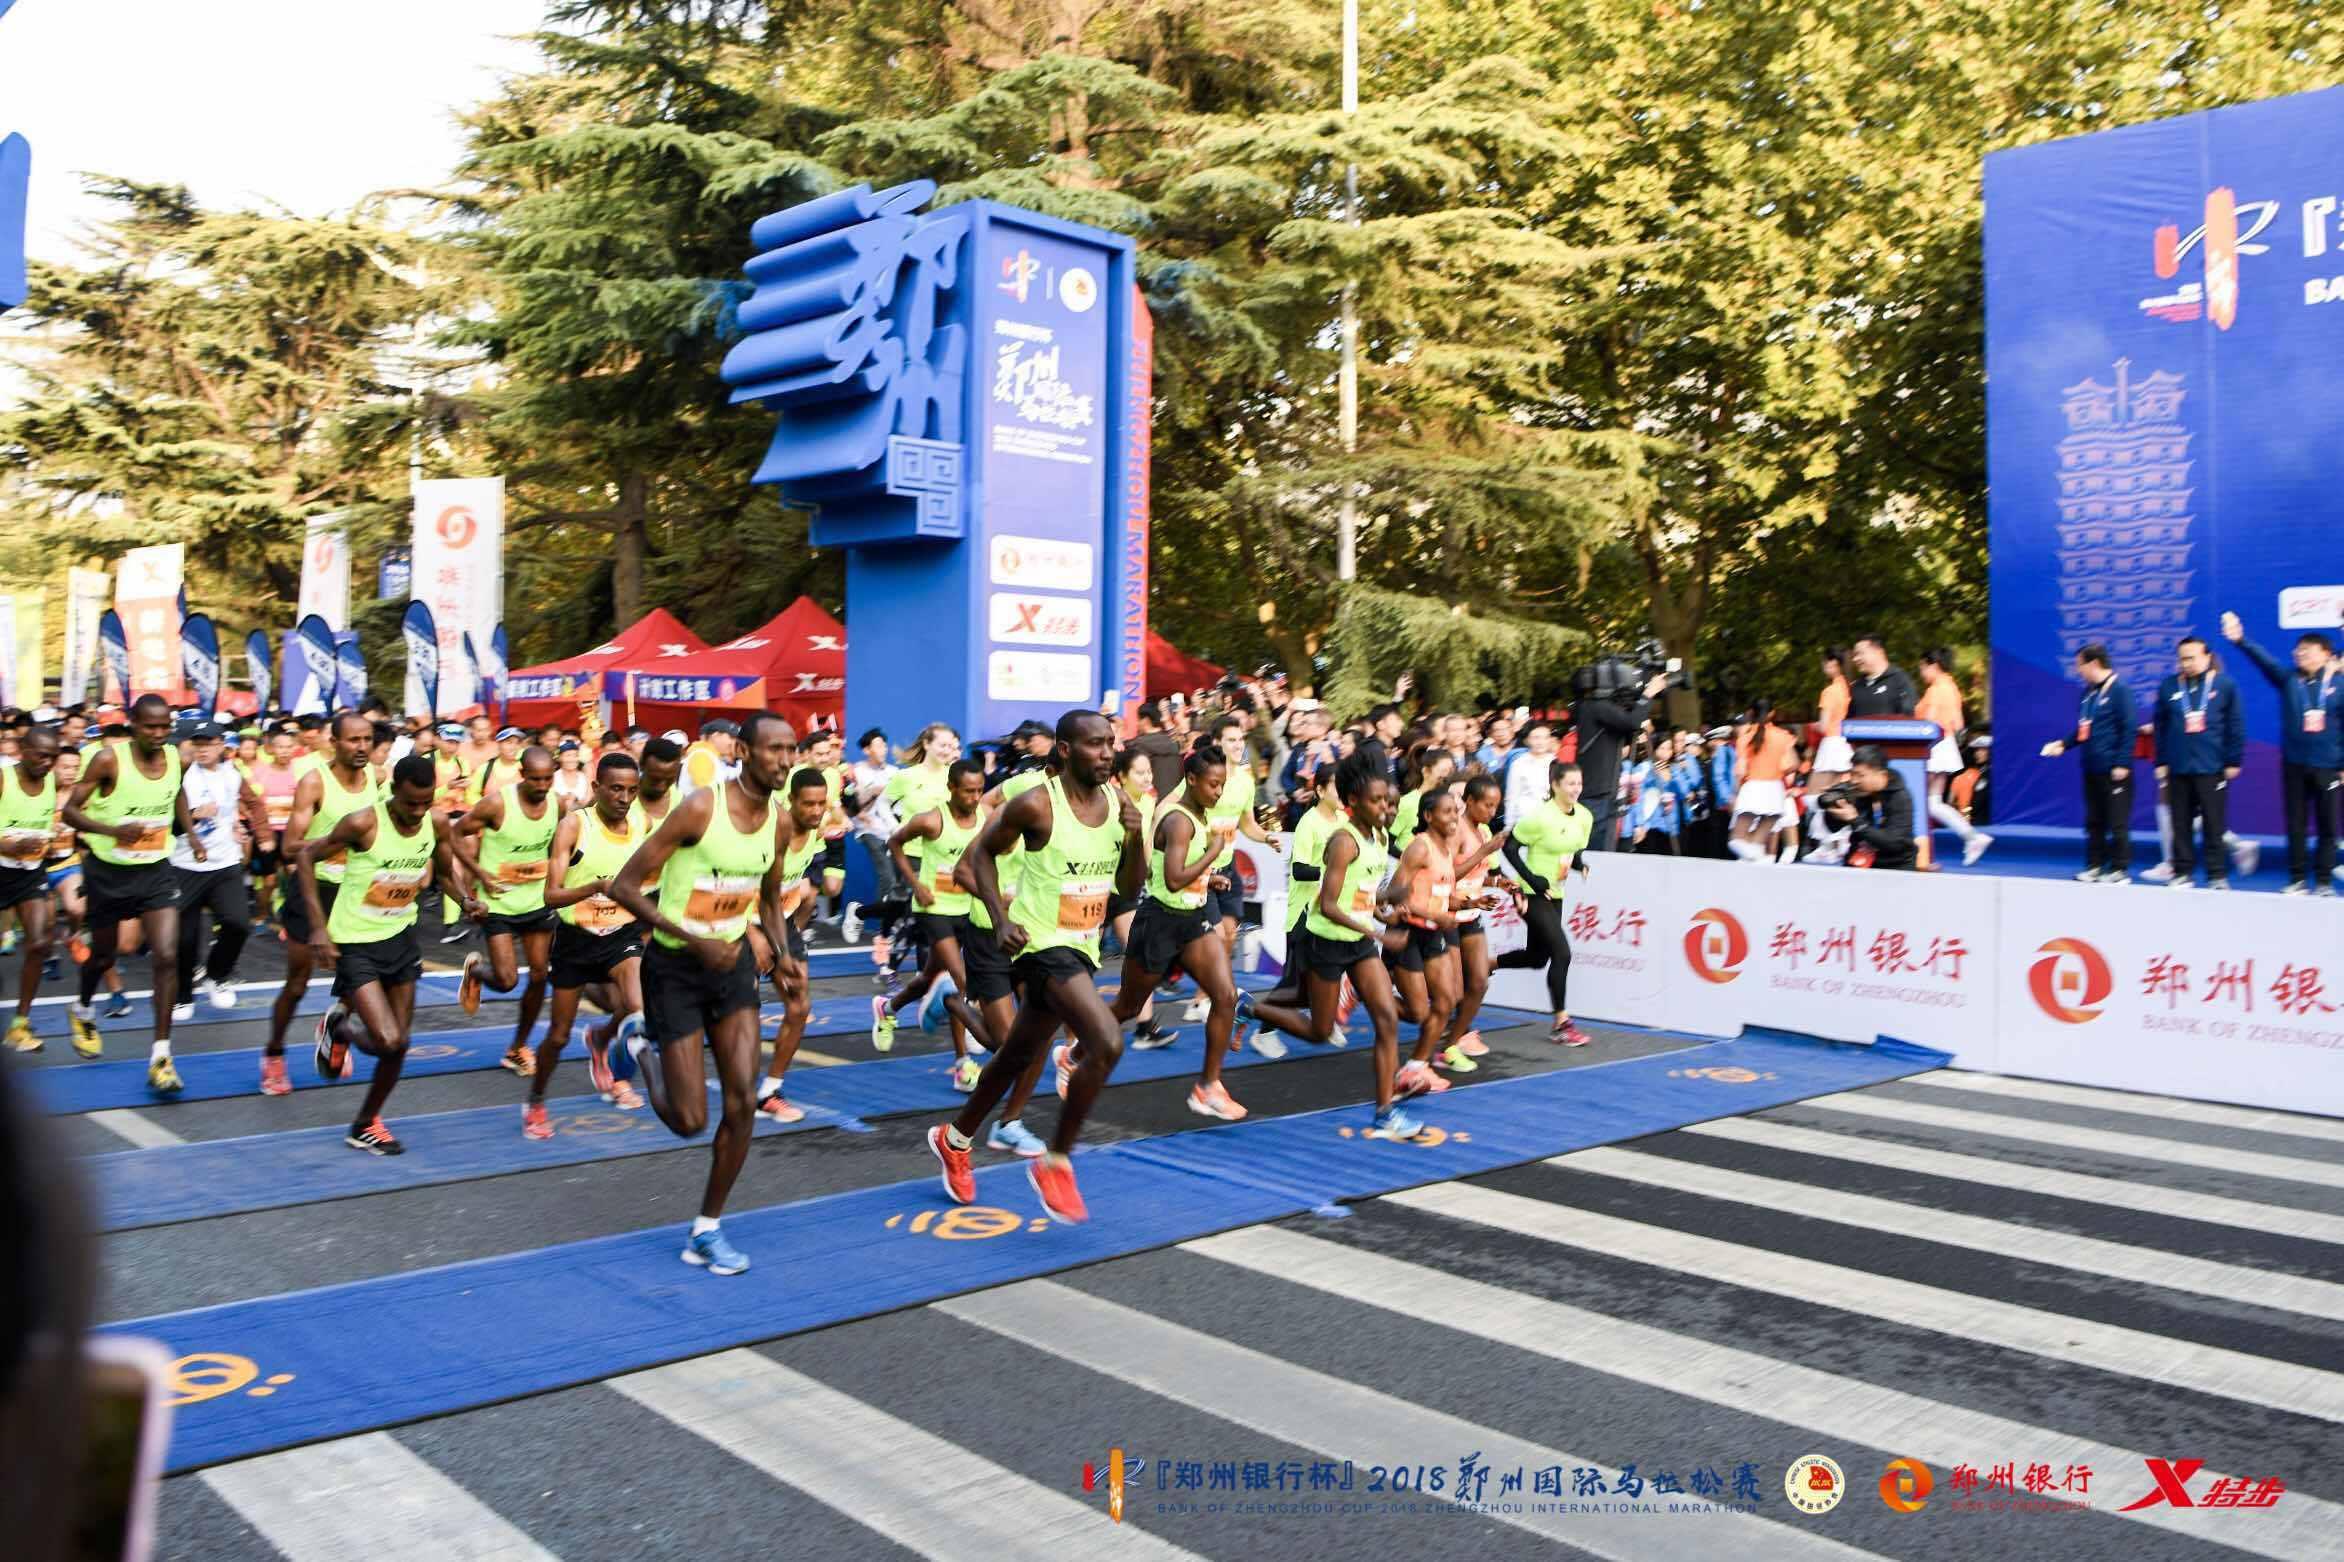 2018郑州国际马拉松赛完美上演 埃塞俄比亚选手夺男女冠军